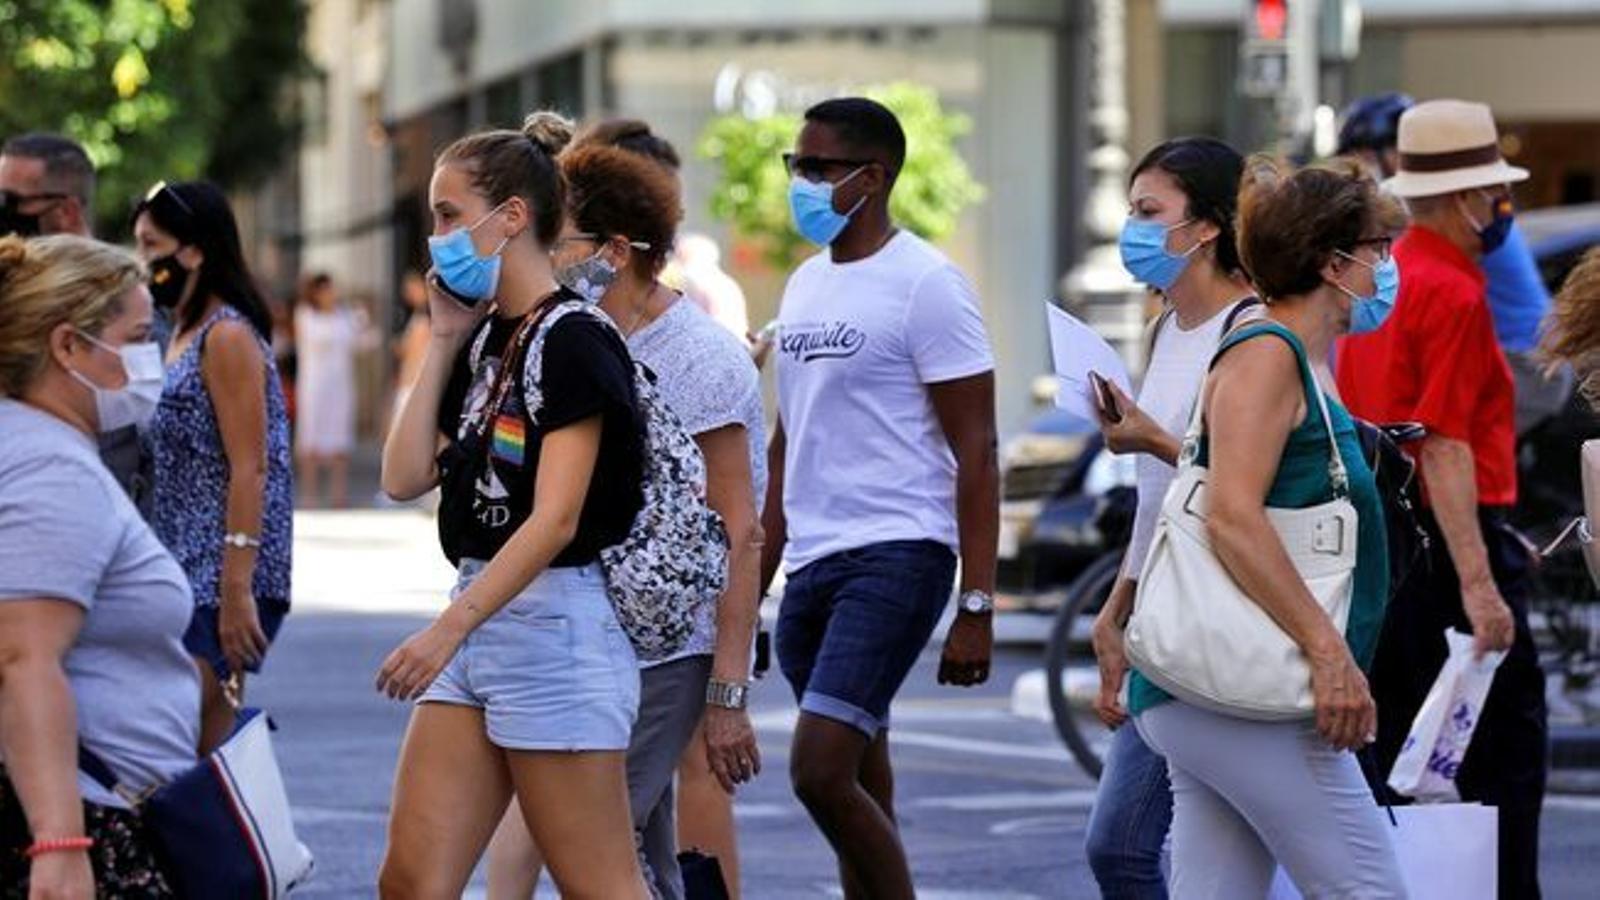 Diverses persones creuant un pas de vianants a la ciutat de València, en una imatge d'arxiu